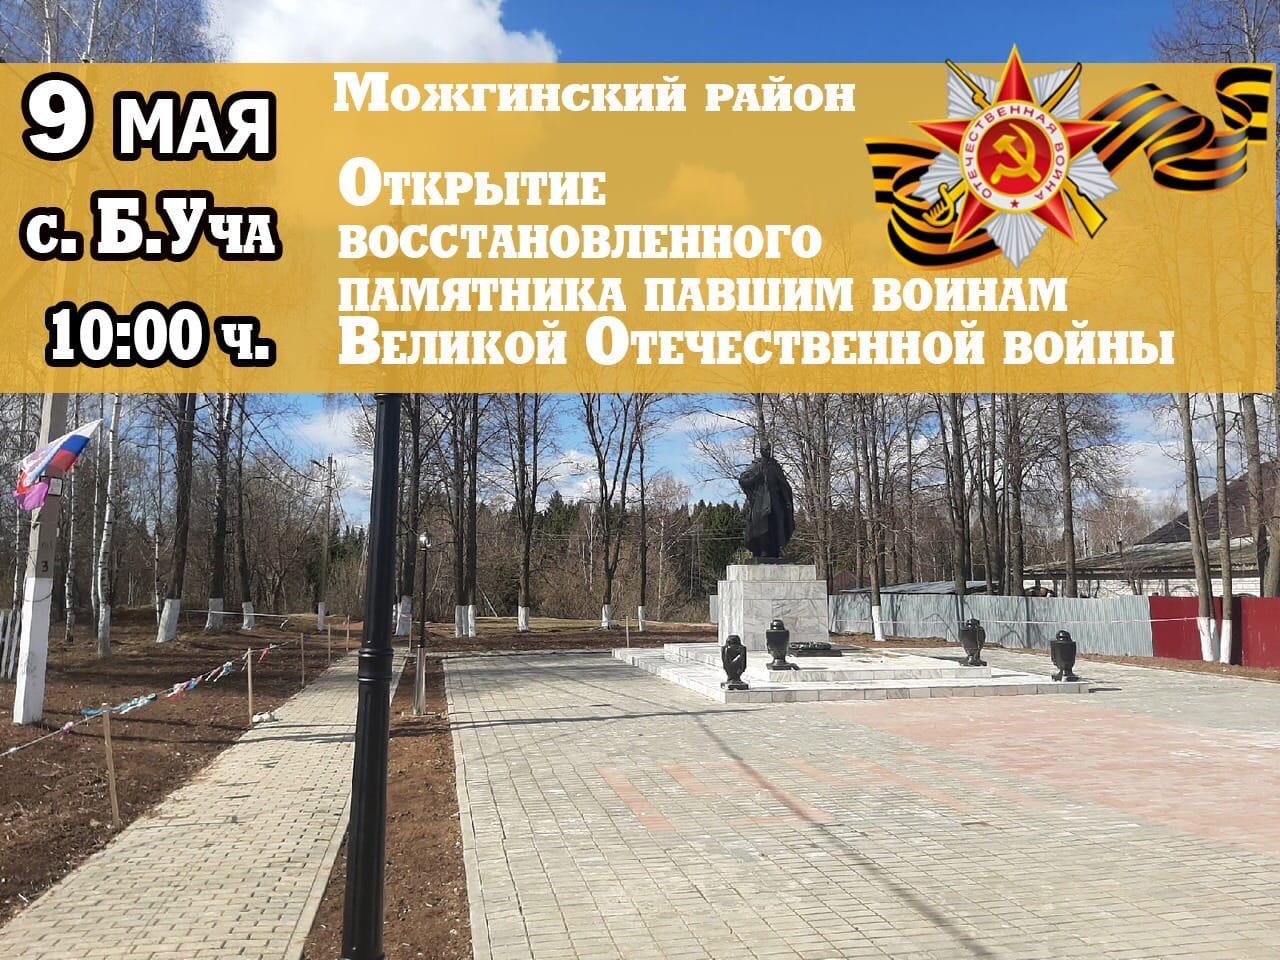 Приглашаем принять участие в открытии восстановленного памятника